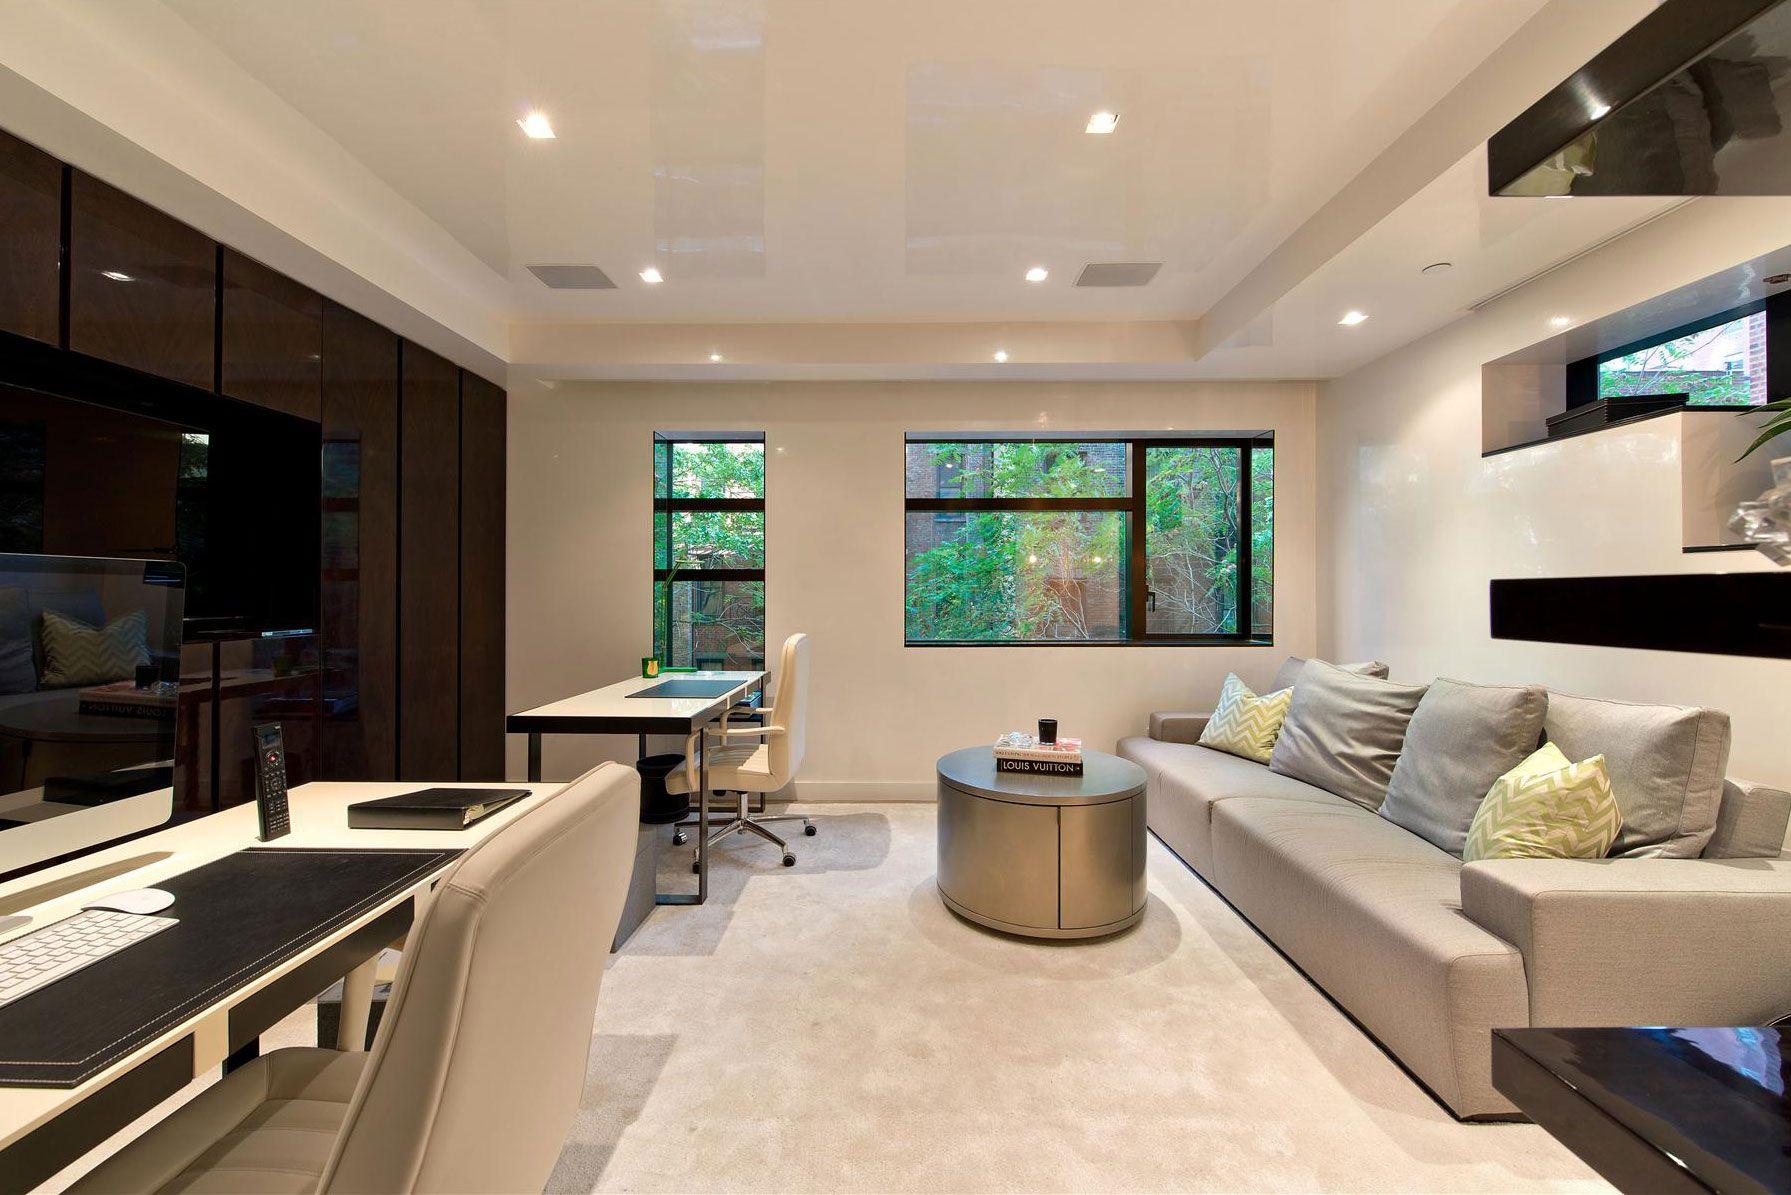 Admirable Study Room Fresh Design Ideas Art Nouveau Largest Home Design Picture Inspirations Pitcheantrous